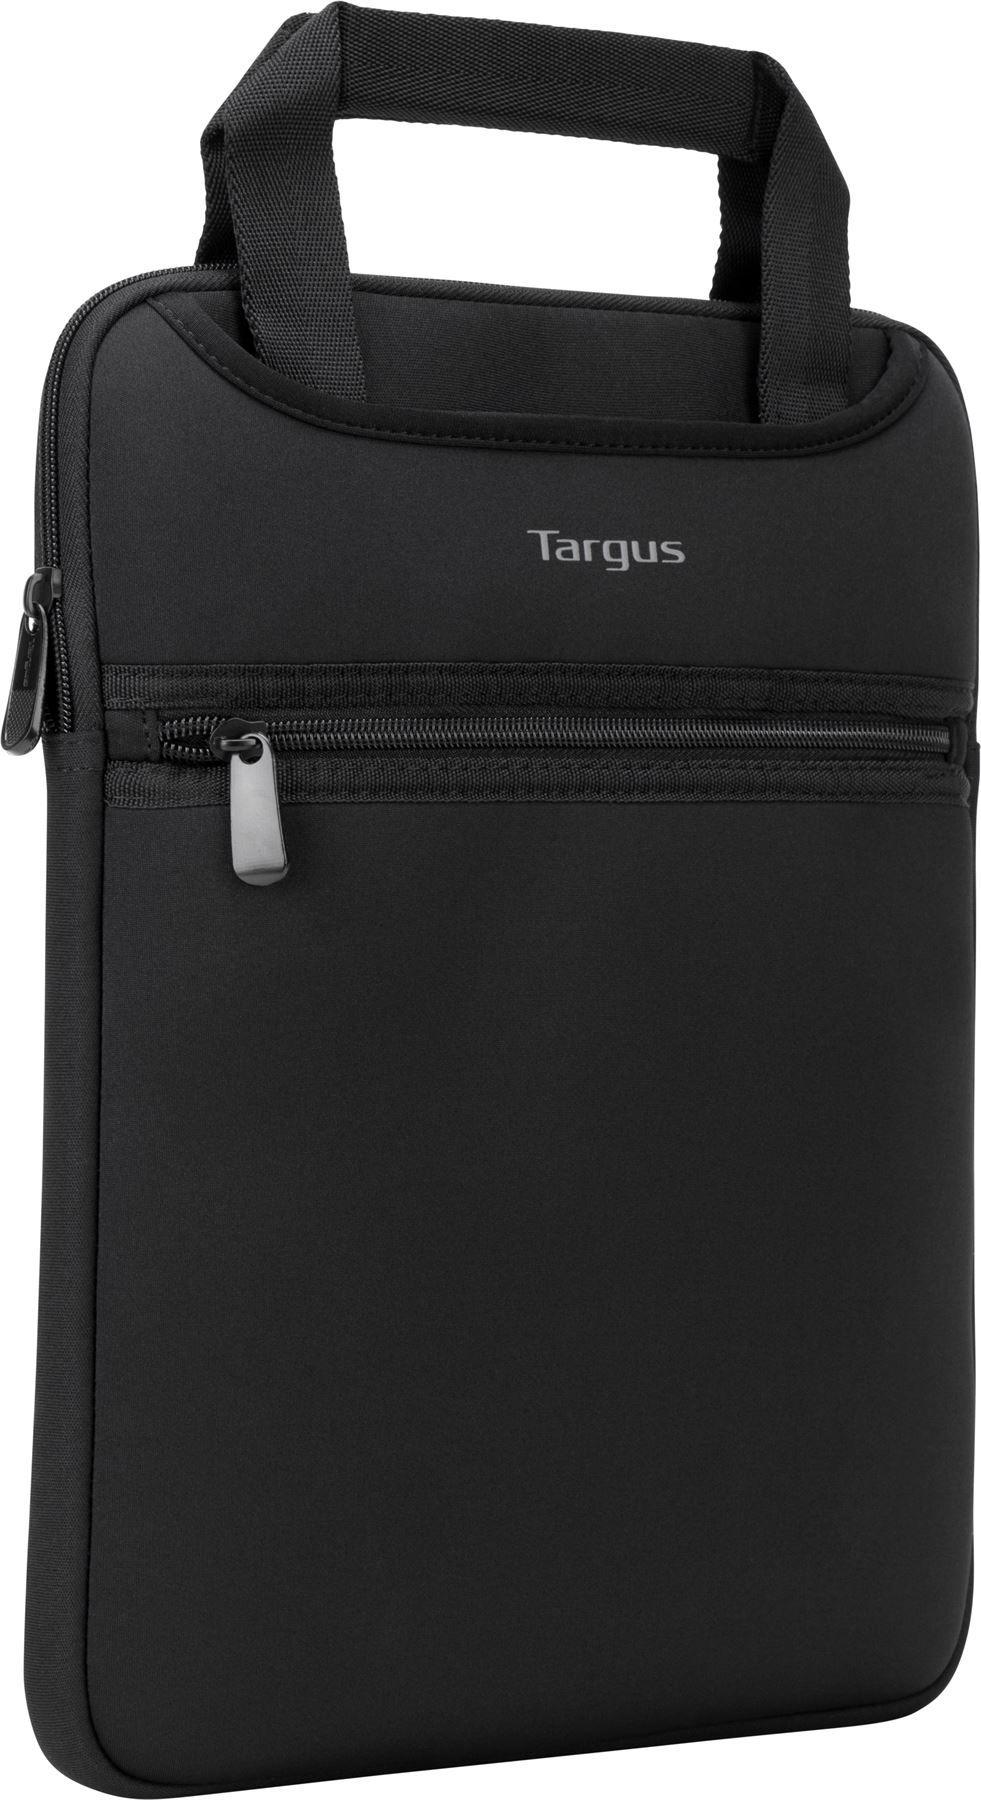 Vertical Sleeve With Hideaway Handles 12 Targus Laptop Sleeves Sleeves